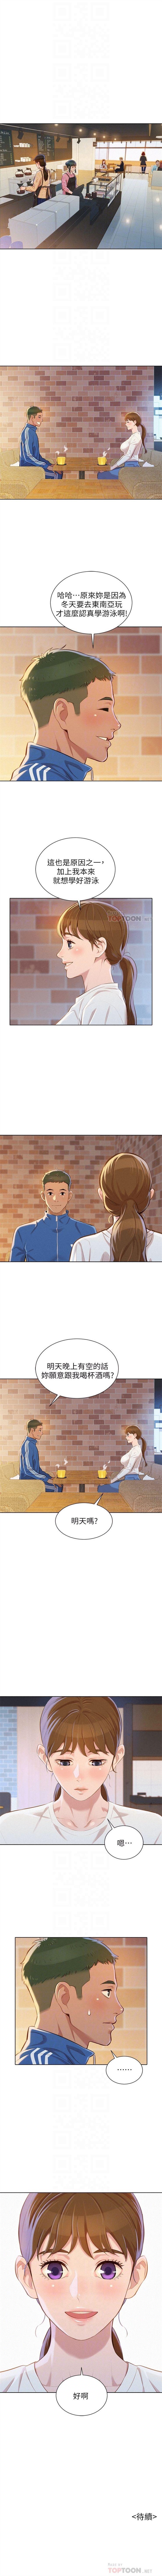 (周7)漂亮干姐姐  1-81 中文翻译 (更新中) 379